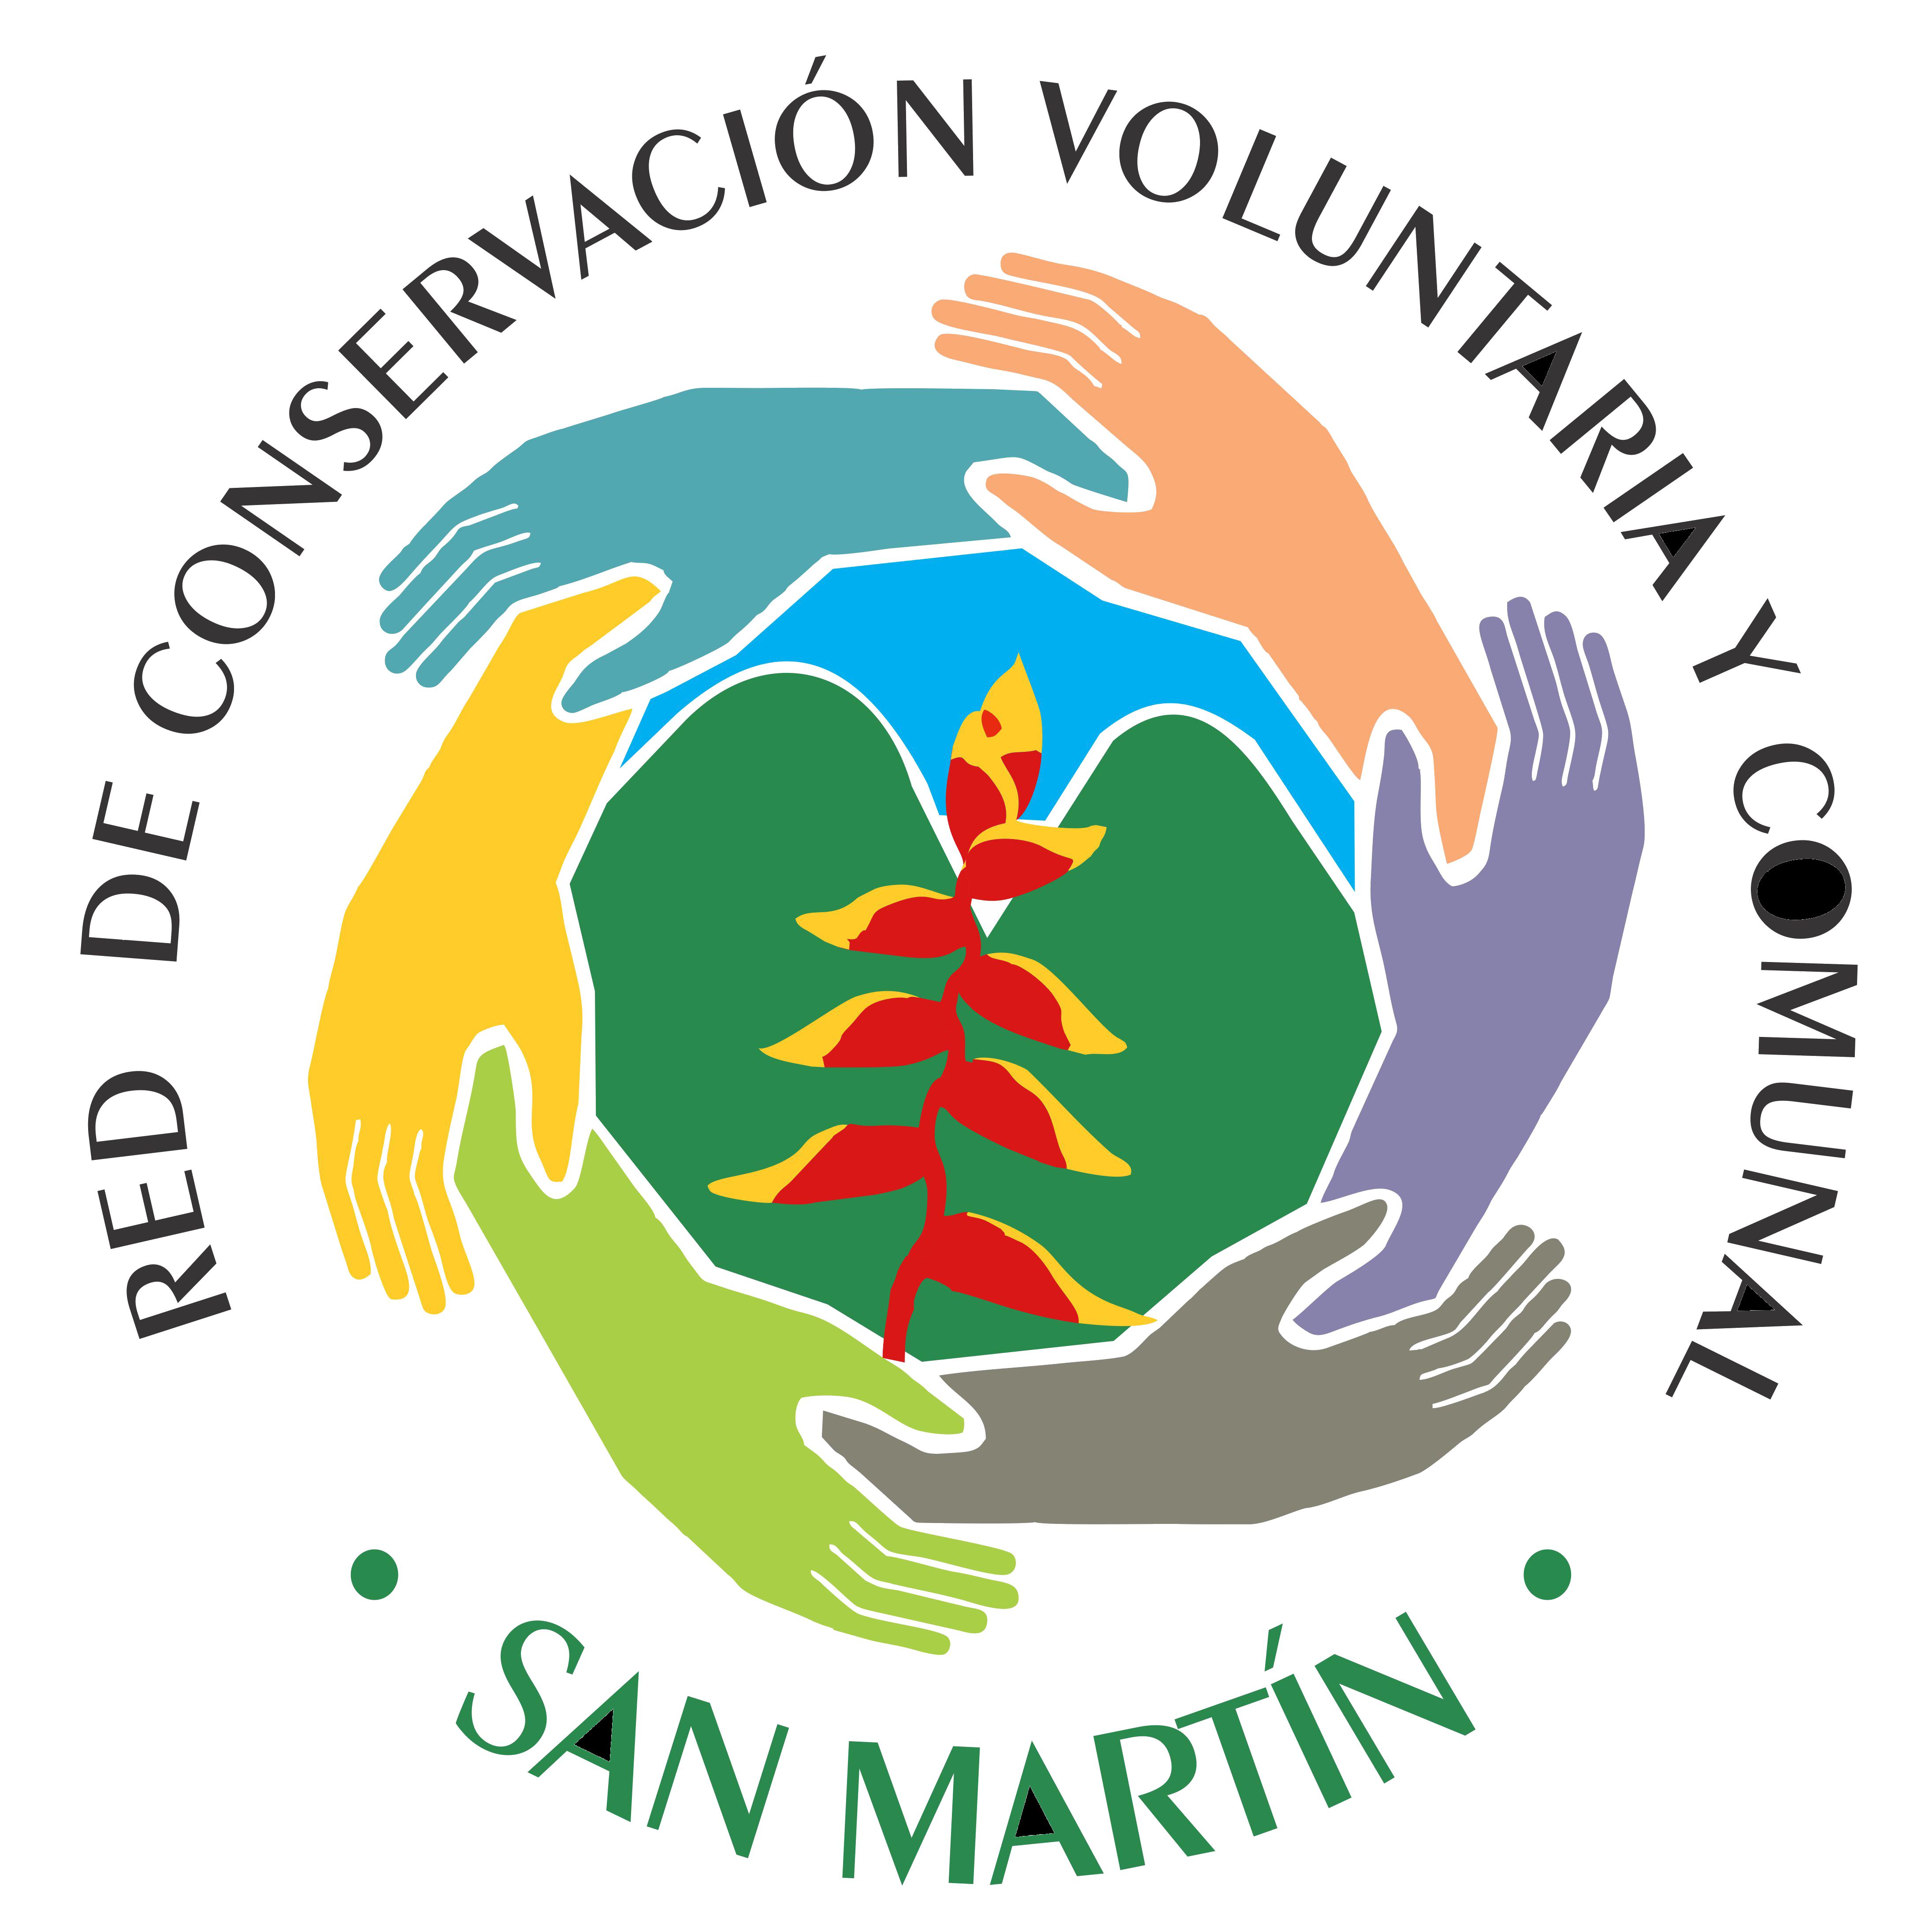 Red de conservación voluntaria y comunal San Martín